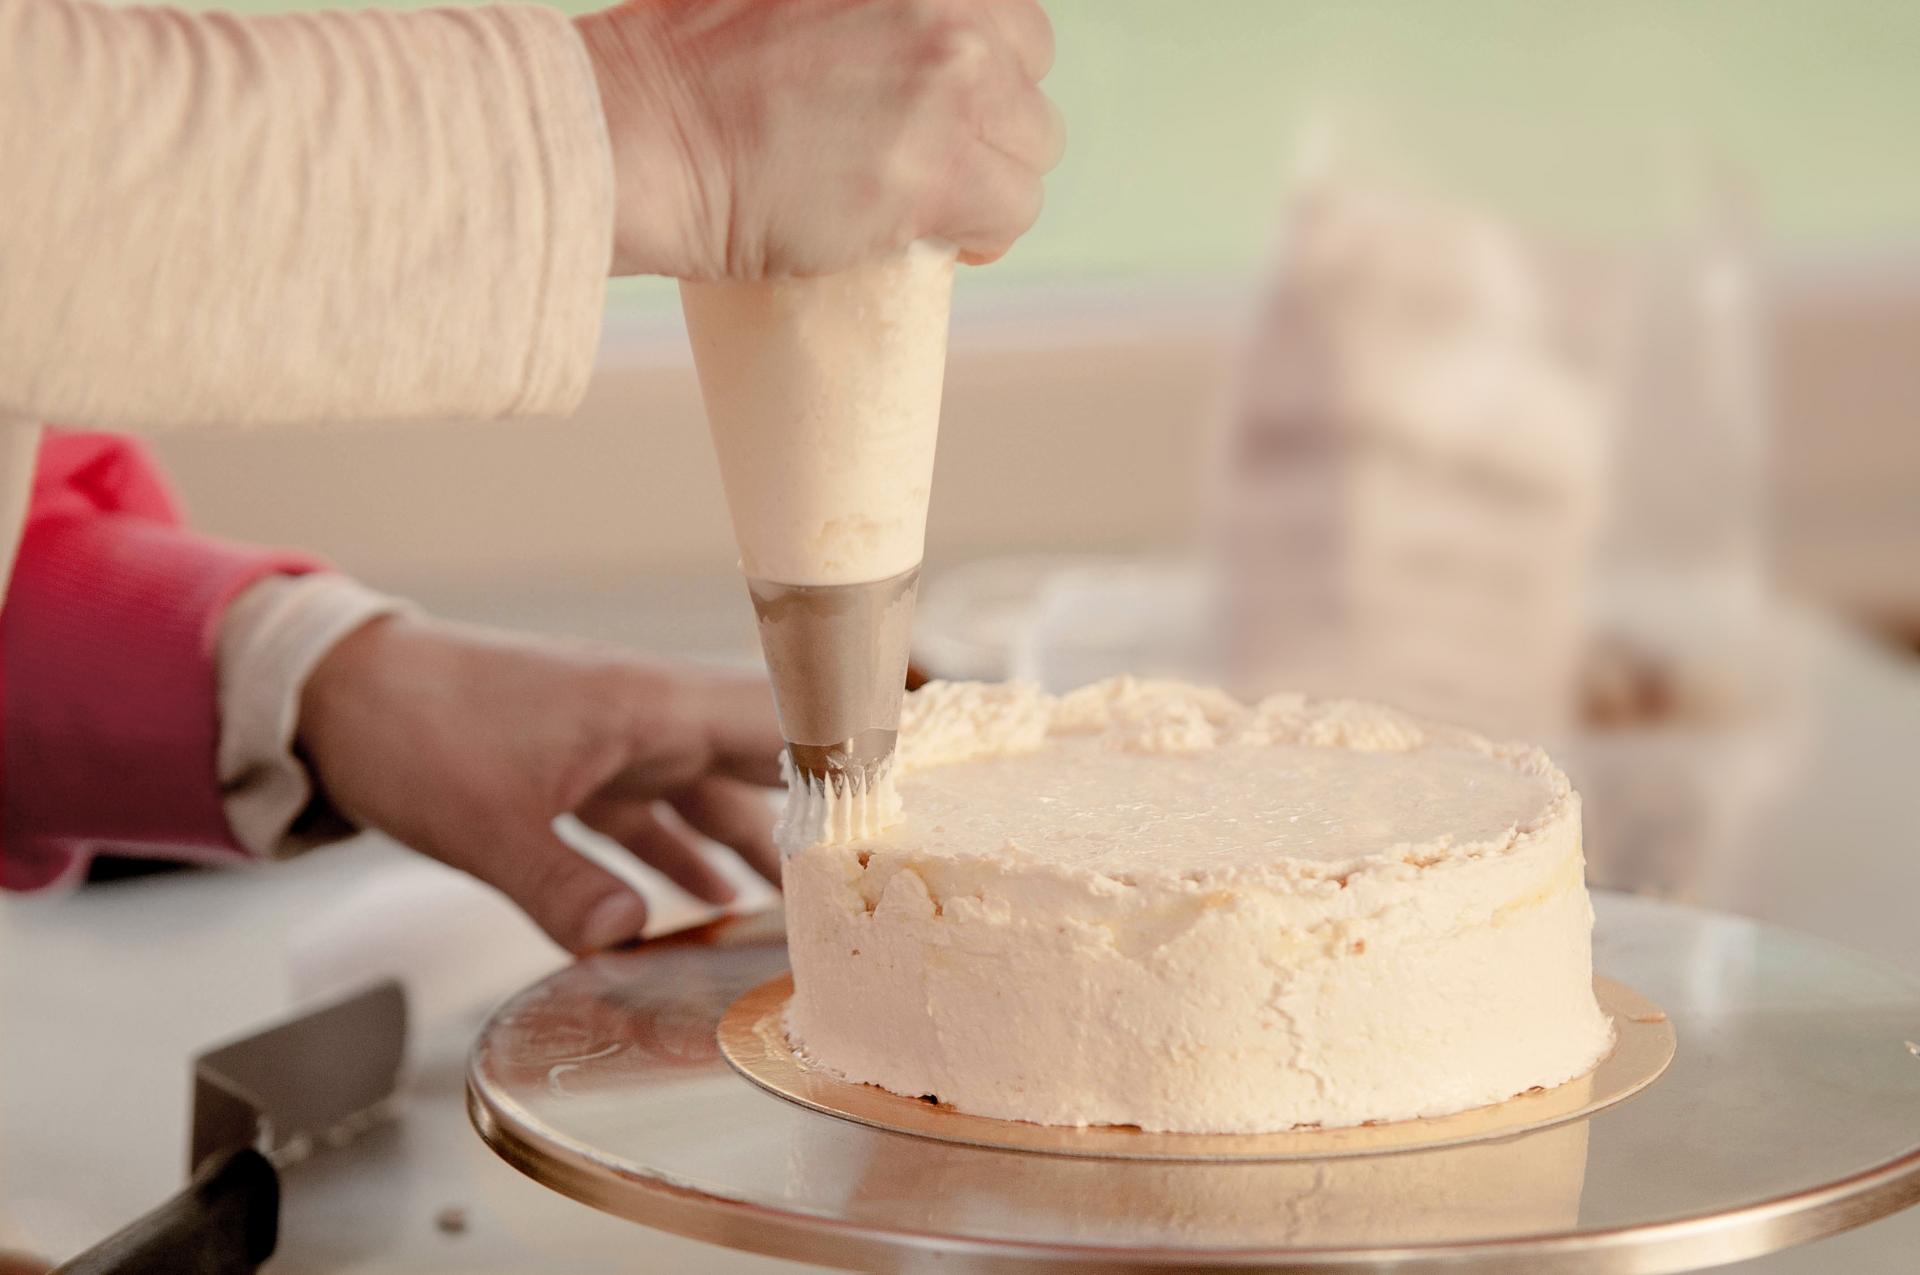 生クリームの泡立て方を簡単にできる方法やポイントをご紹介!